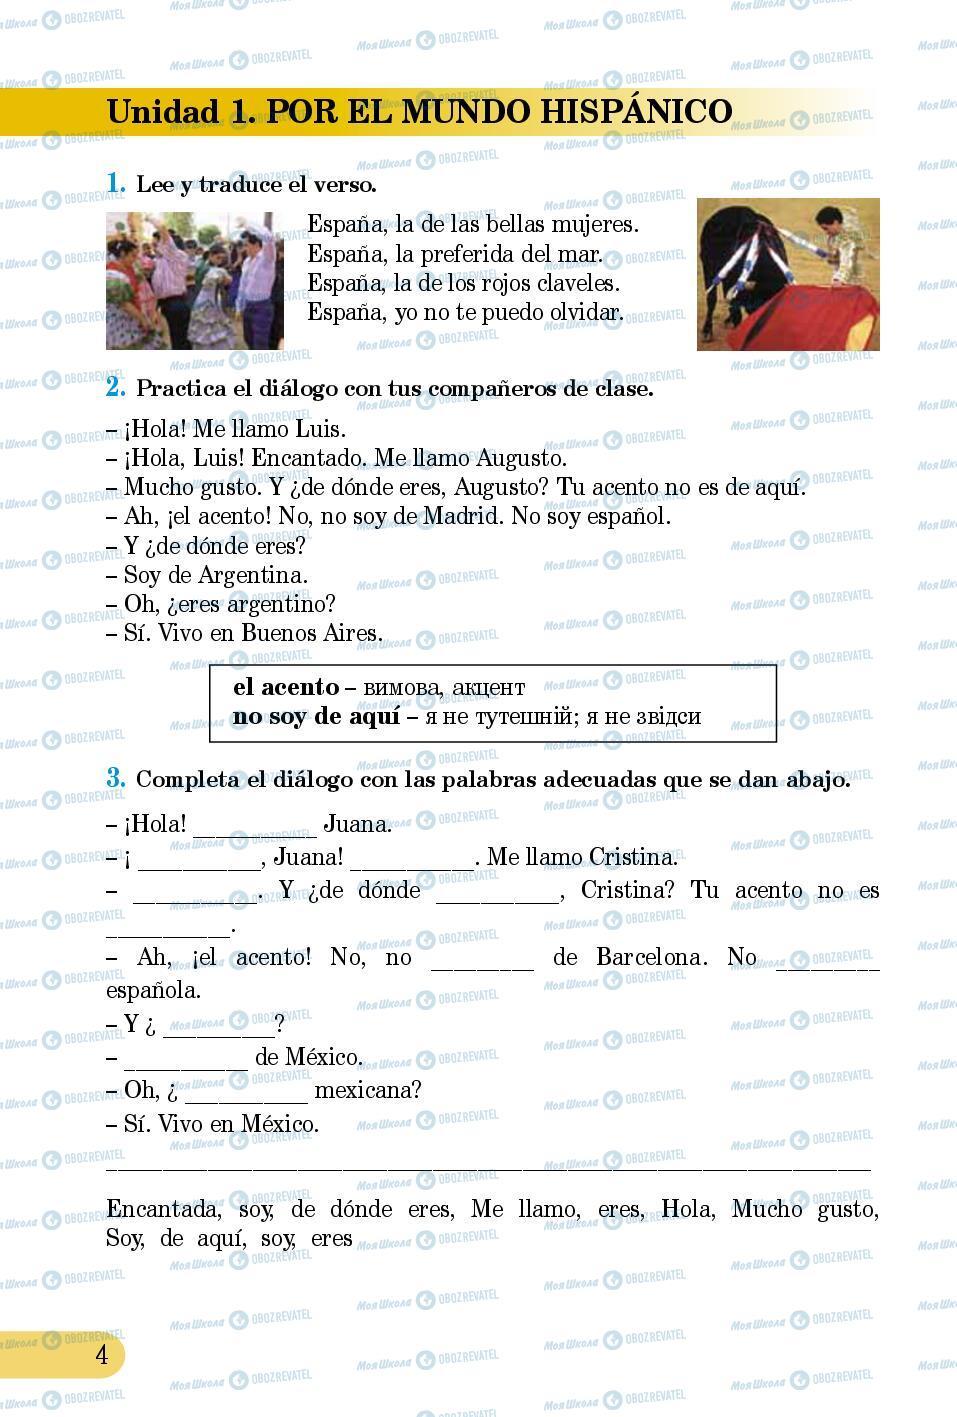 Підручники Іспанська мова 5 клас сторінка 4